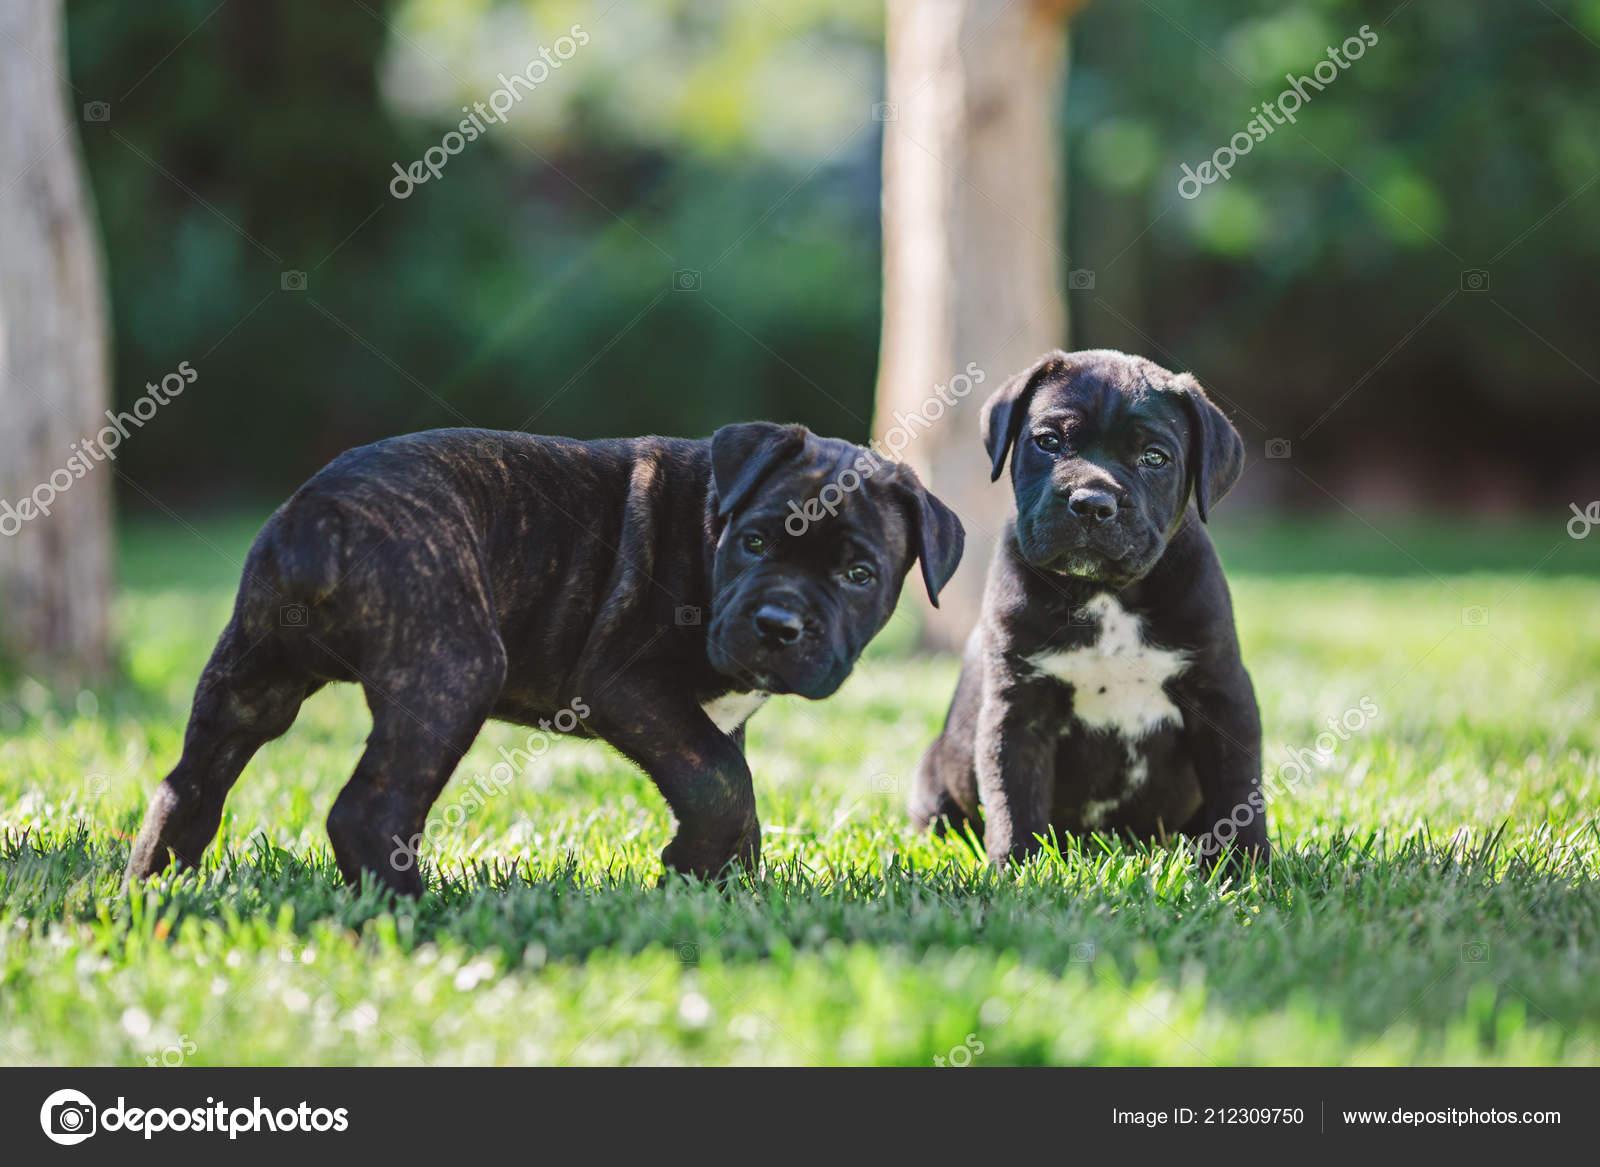 Cute Little Puppies Grass Stock Photo Olenakosynska 212309750